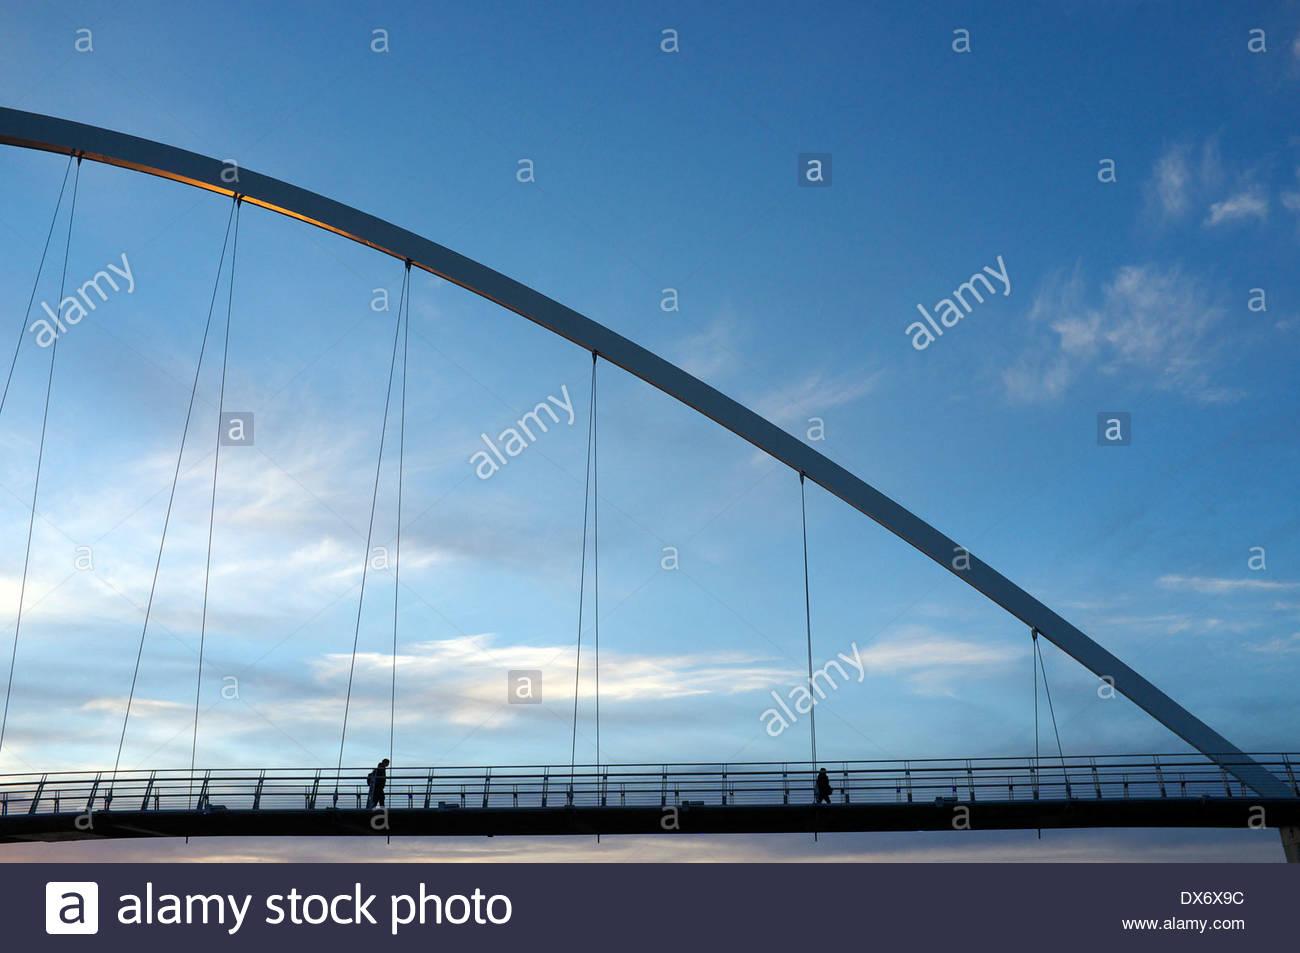 El Puente infinito (con un toque de sol vespertino) en Stockton-on-Tees, al noreste de Inglaterra, Reino Unido. Foto de stock